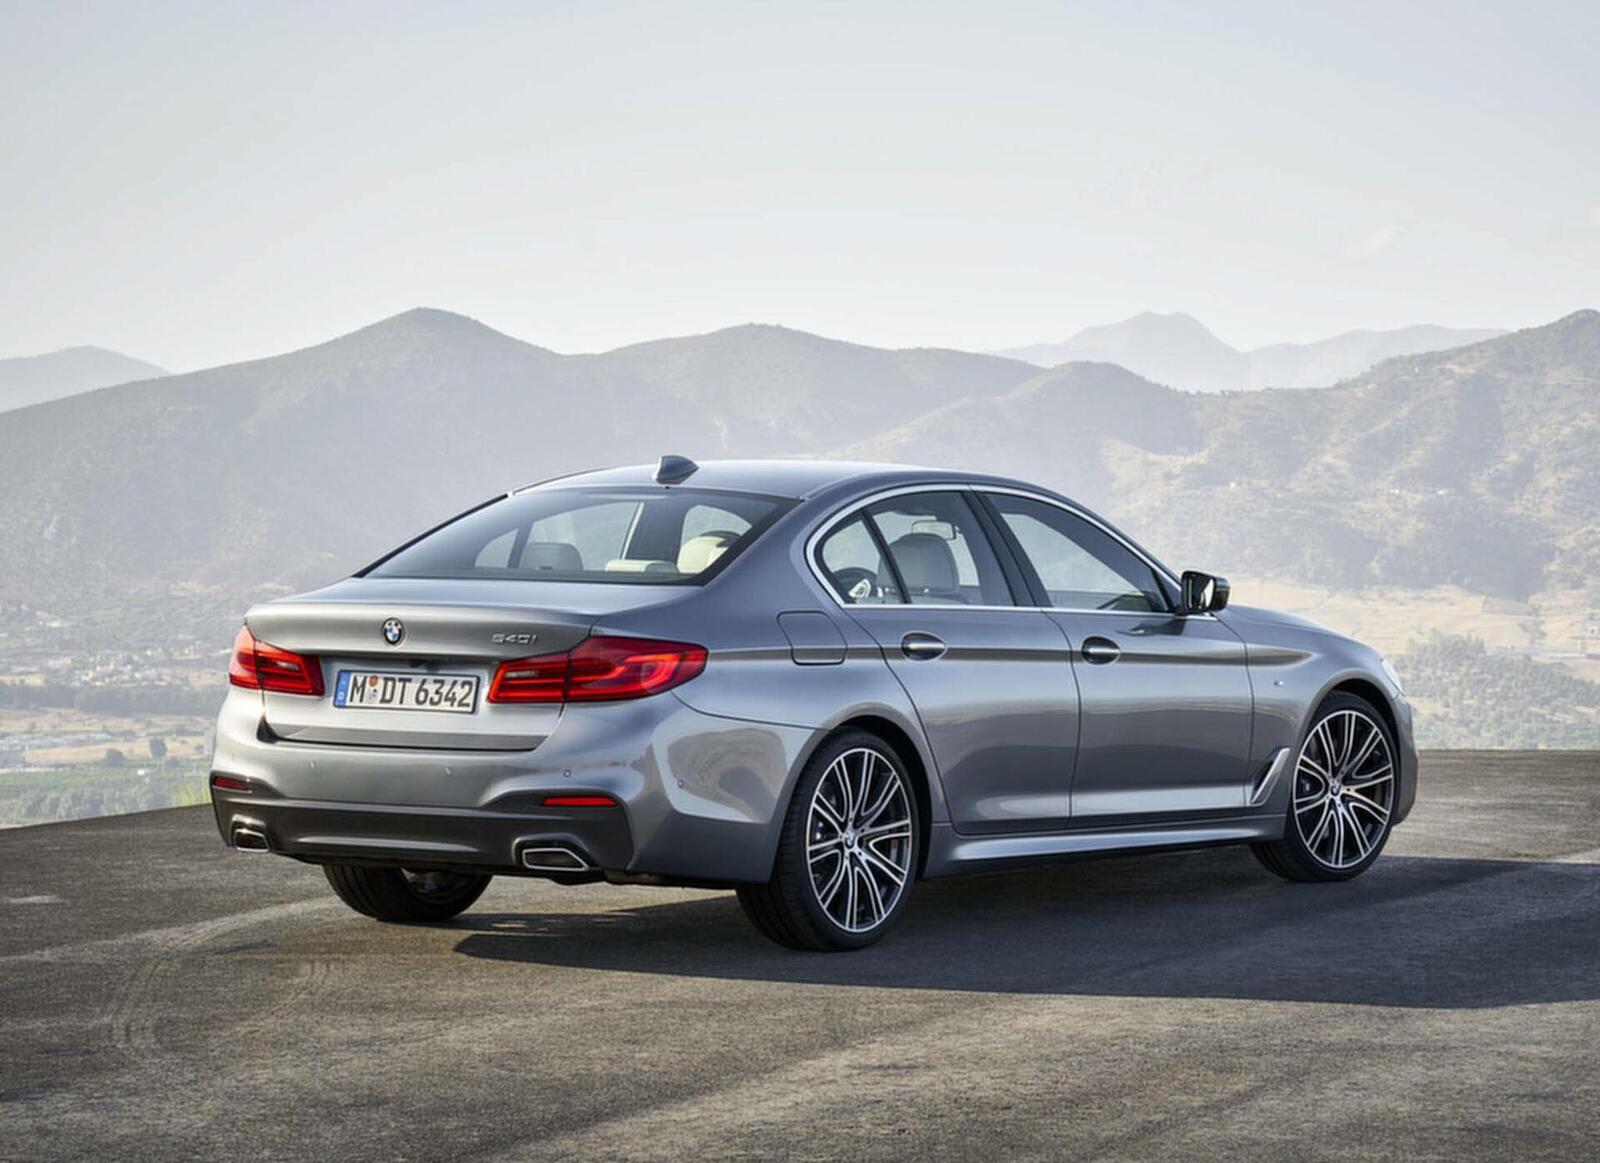 Lộ giá bán của BMW 520i và 530i thế hệ mới tại Việt Nam; từ 2,389 đến 3,069 tỷ đồng - Hình 9